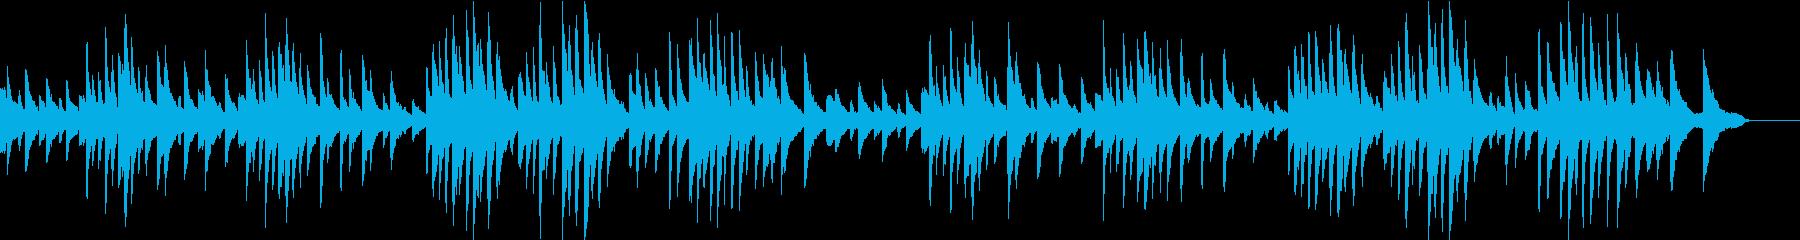 ジムノペディ第1番の再生済みの波形